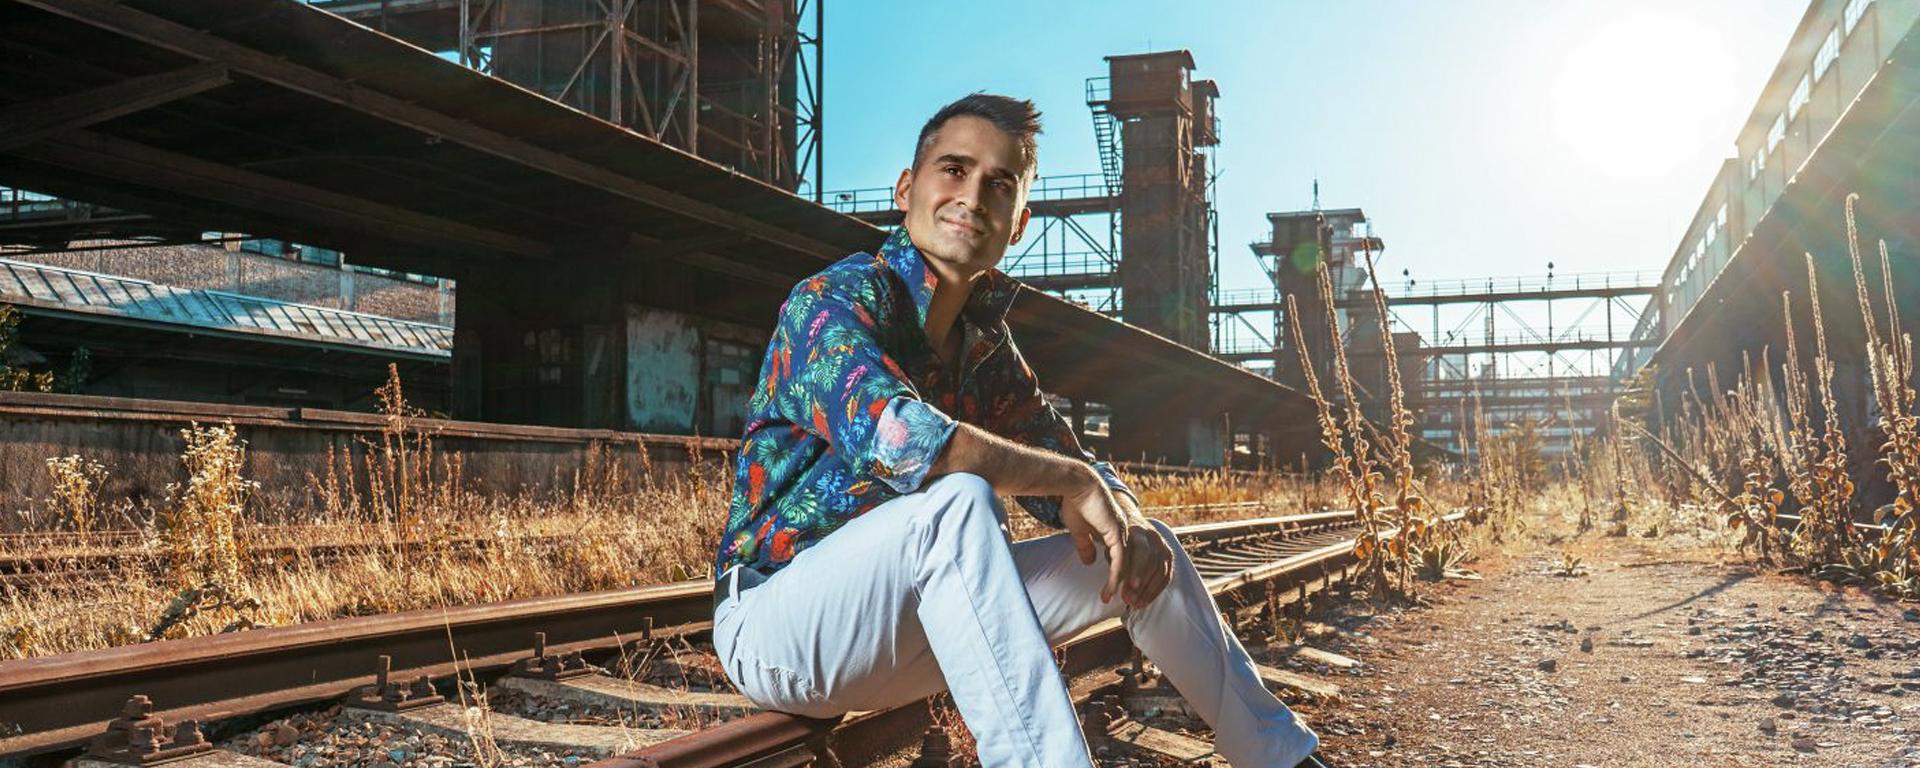 """Radek Banga, ponorený do svojho osobného príbehu, vydáva nový album """"Věci jinak"""" a knihu """"(NE)Pošli to dál""""."""